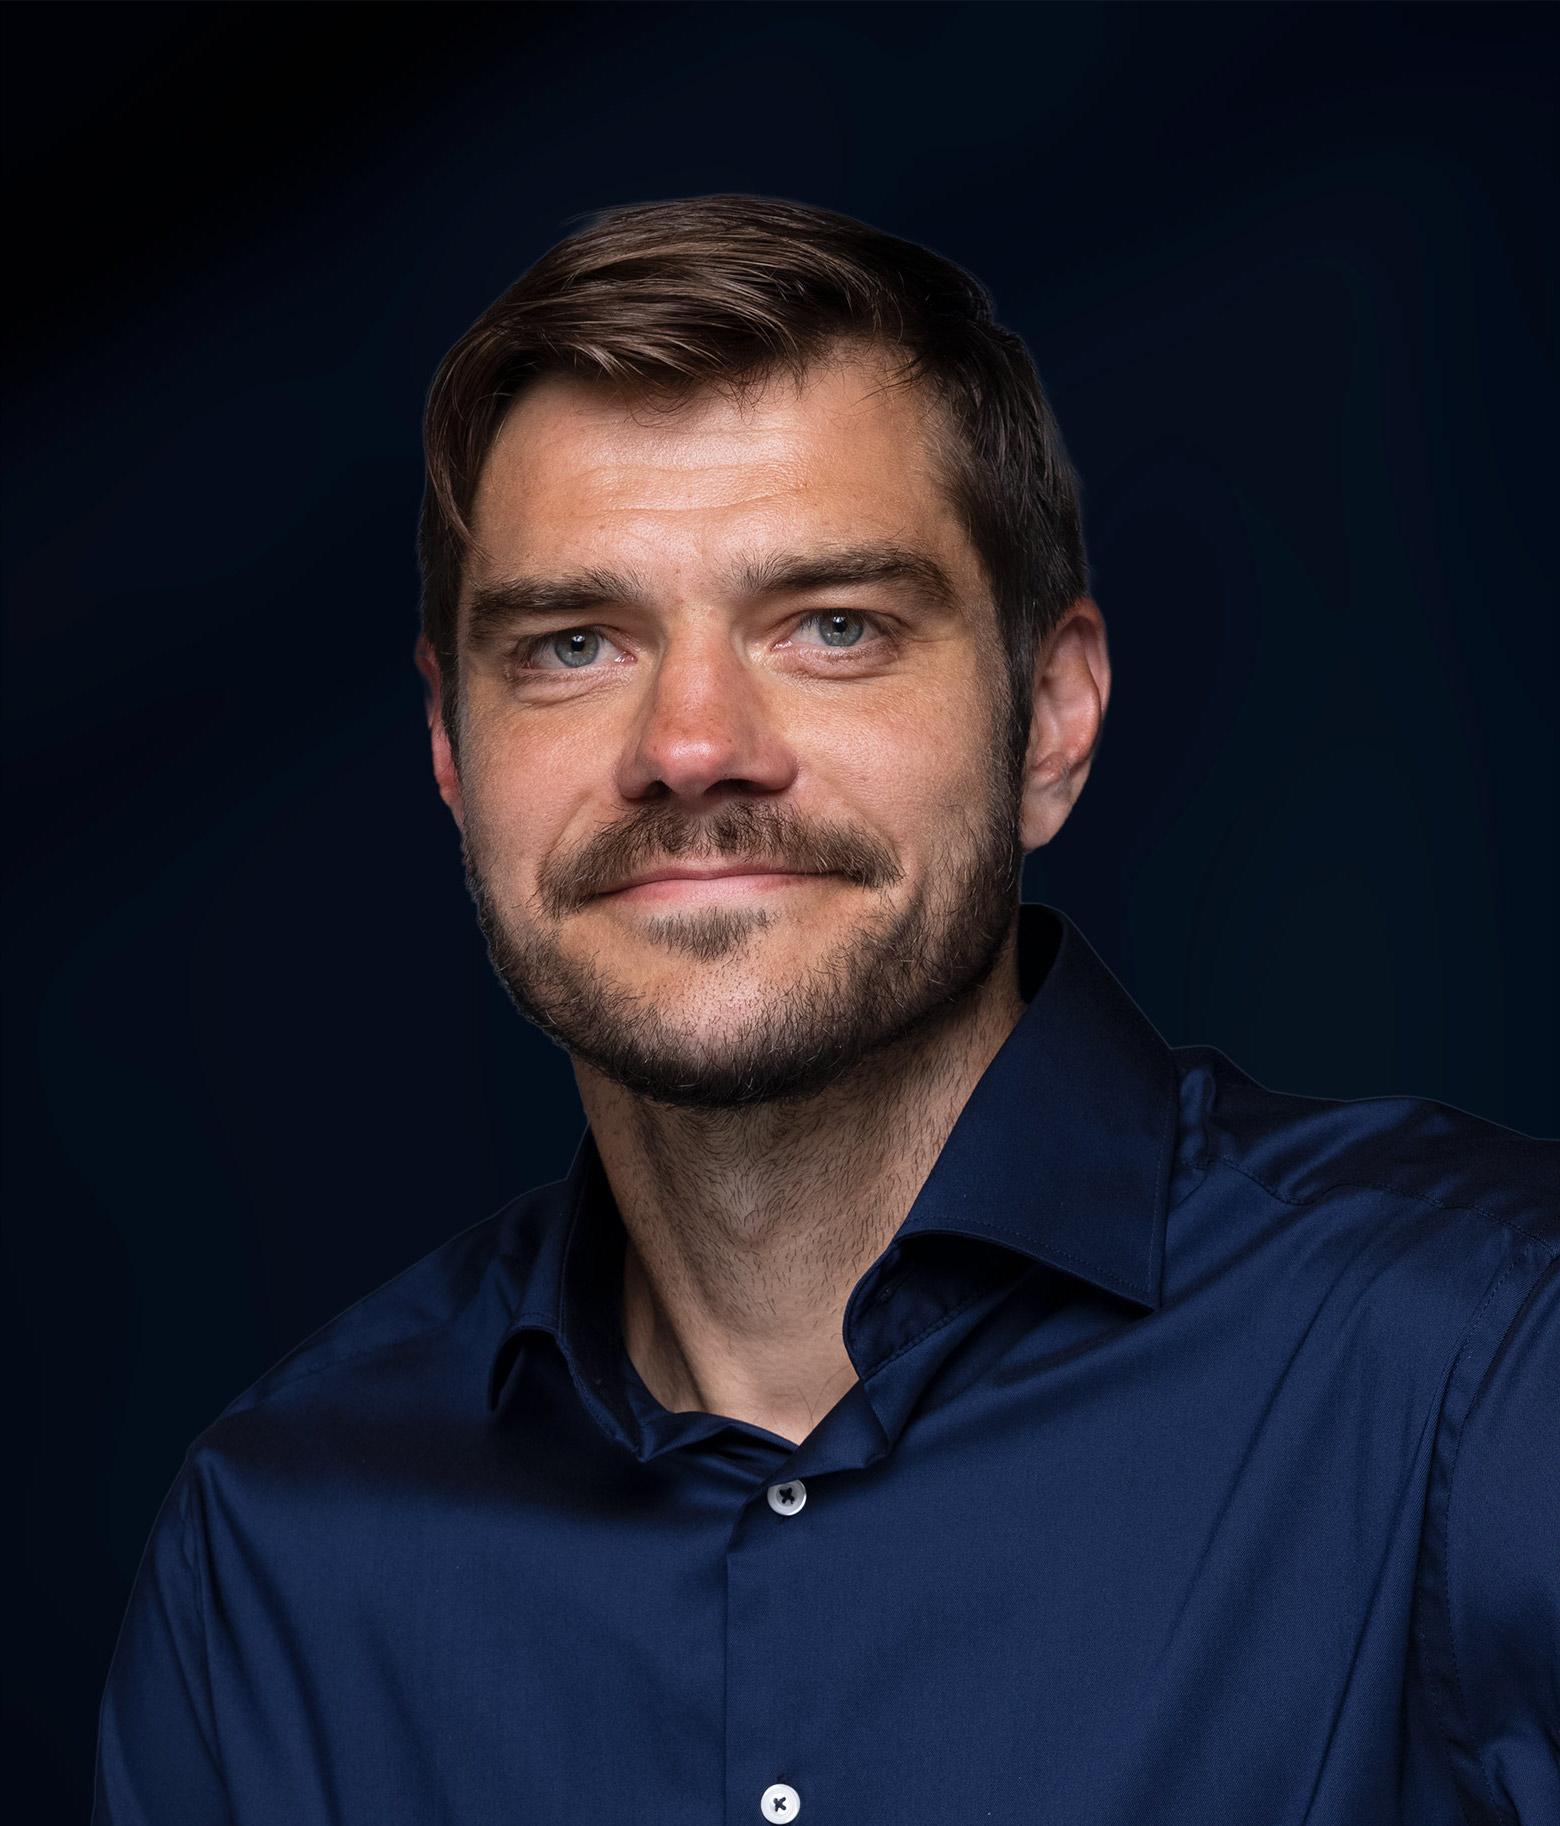 Christian Nørkær Hansen